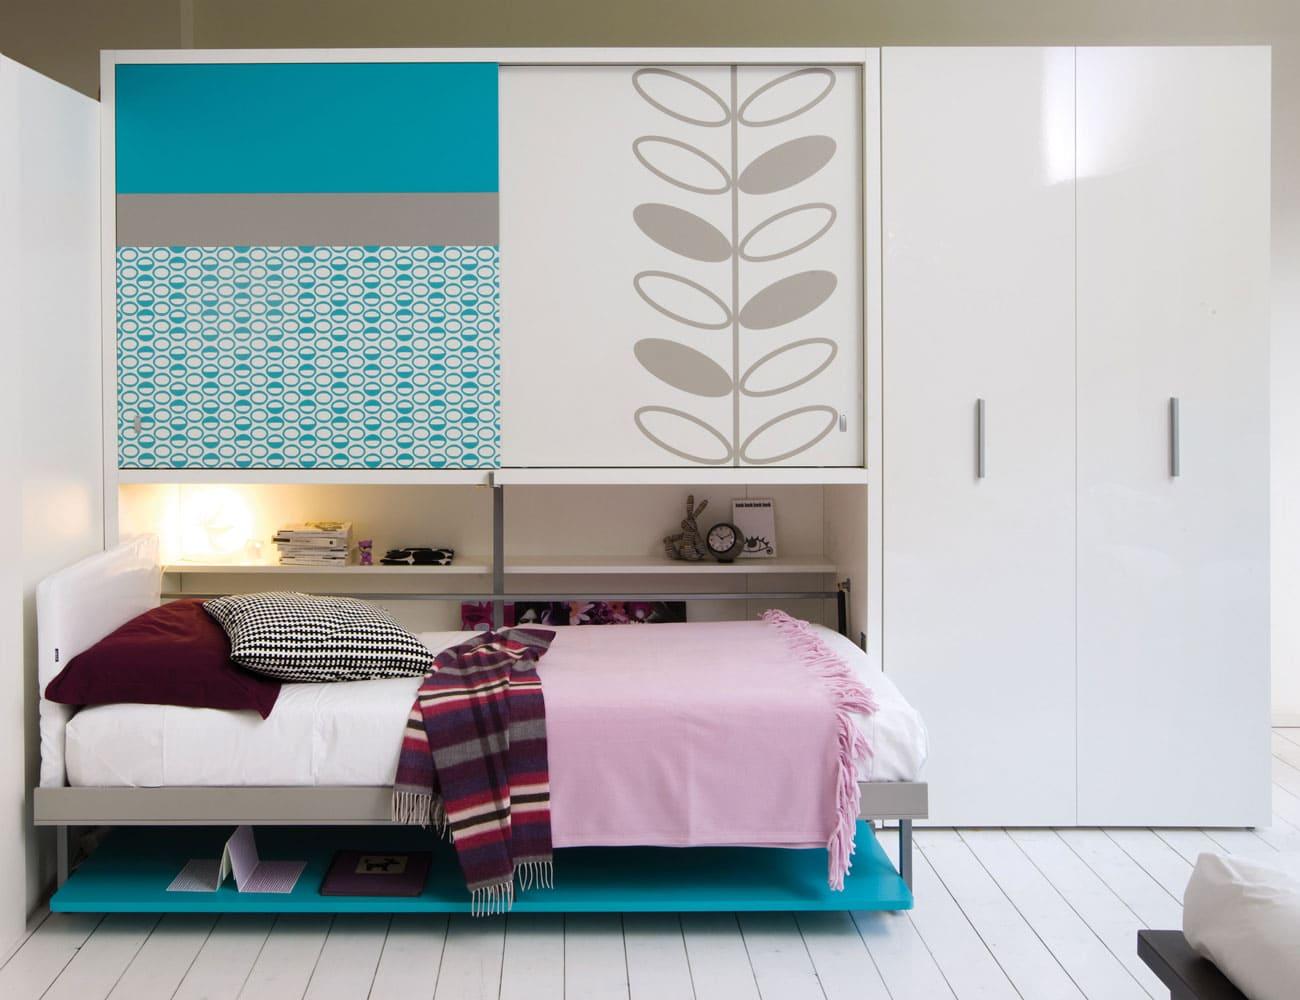 Camas abatibles para dormitorios peque os colch n expr s for Habitaciones juveniles abatibles